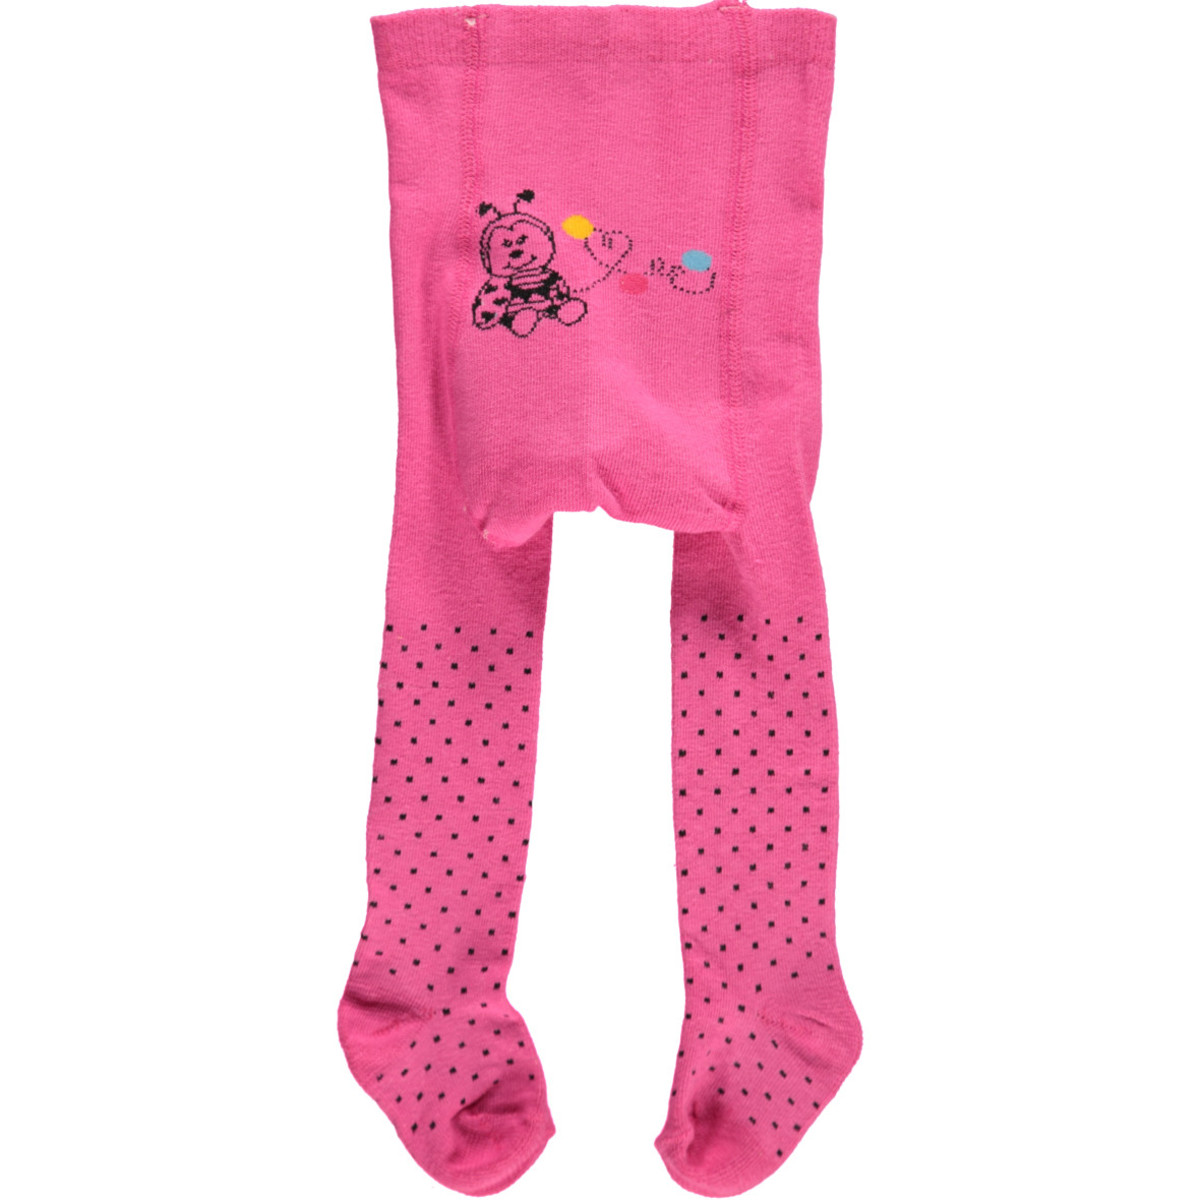 Bild 2 von Baby Mädchen Strumpfhose